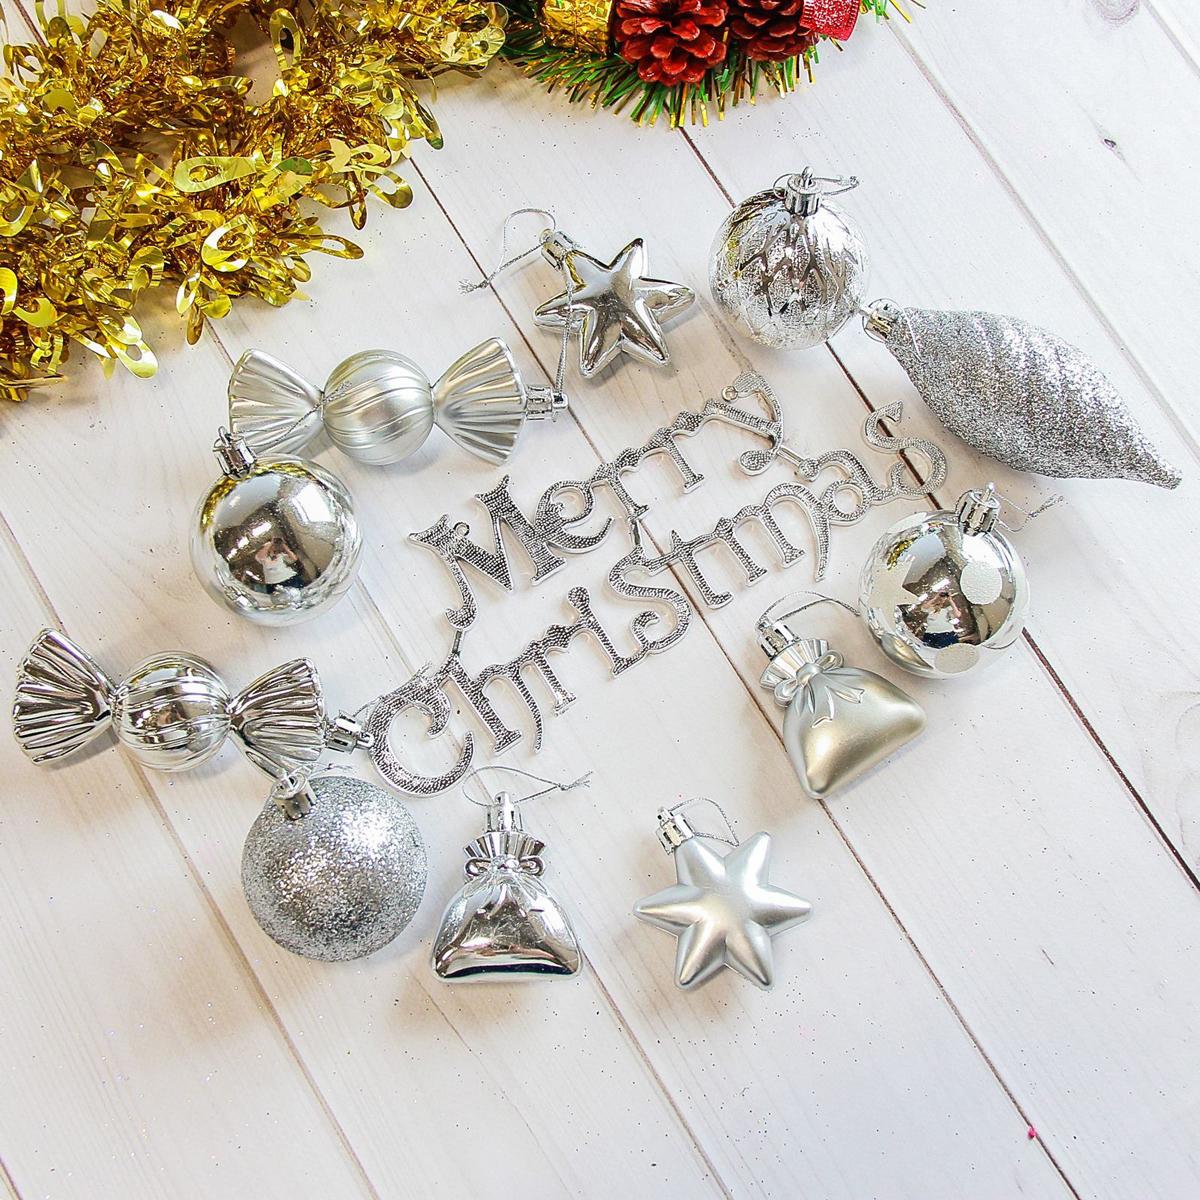 Набор новогодних подвесных украшений Sima-land Модэсто, цвет: серый металлик, 35 шт2178270Набор новогодних подвесных украшений Sima-land отлично подойдет для декорации вашего дома и новогодней ели. С помощью специальной петельки украшение можно повесить в любом понравившемся вам месте. Но, конечно, удачнее всего оно будет смотреться на праздничной елке. Елочная игрушка - символ Нового года. Она несет в себе волшебство и красоту праздника. Создайте в своем доме атмосферу веселья и радости, украшая новогоднюю елку нарядными игрушками, которые будут из года в год накапливать теплоту воспоминаний.